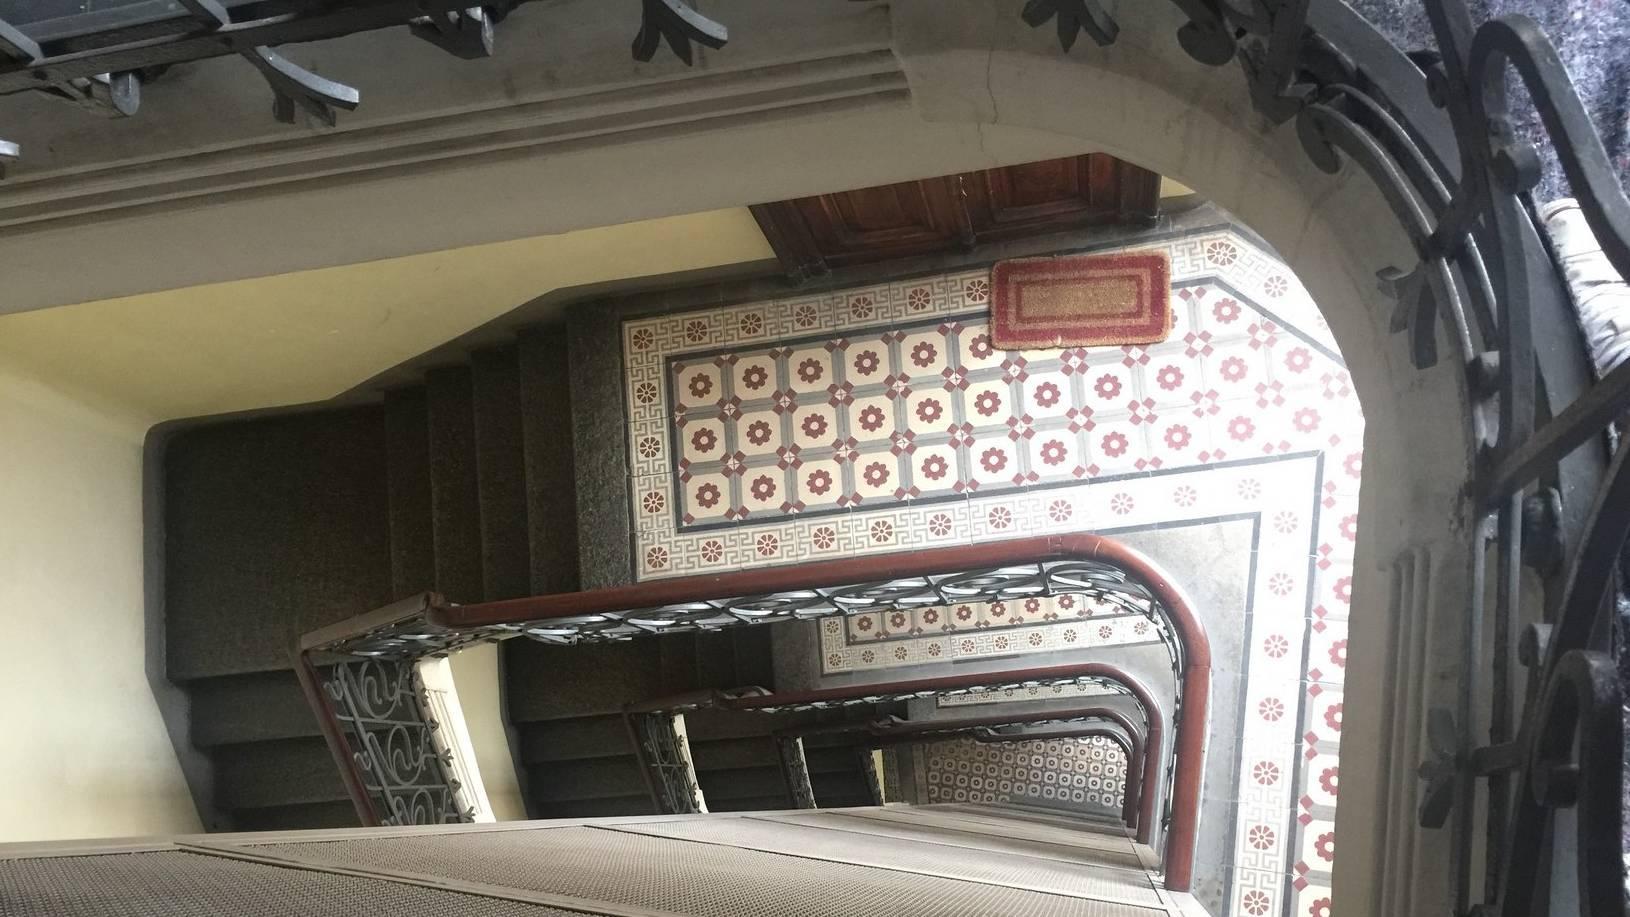 DA INVESTIMENTO BILOCALE PIANO ALTO ASCENSORE VIA MADAMA CRISTINA CORSO DANTE METRO CARDUCCI